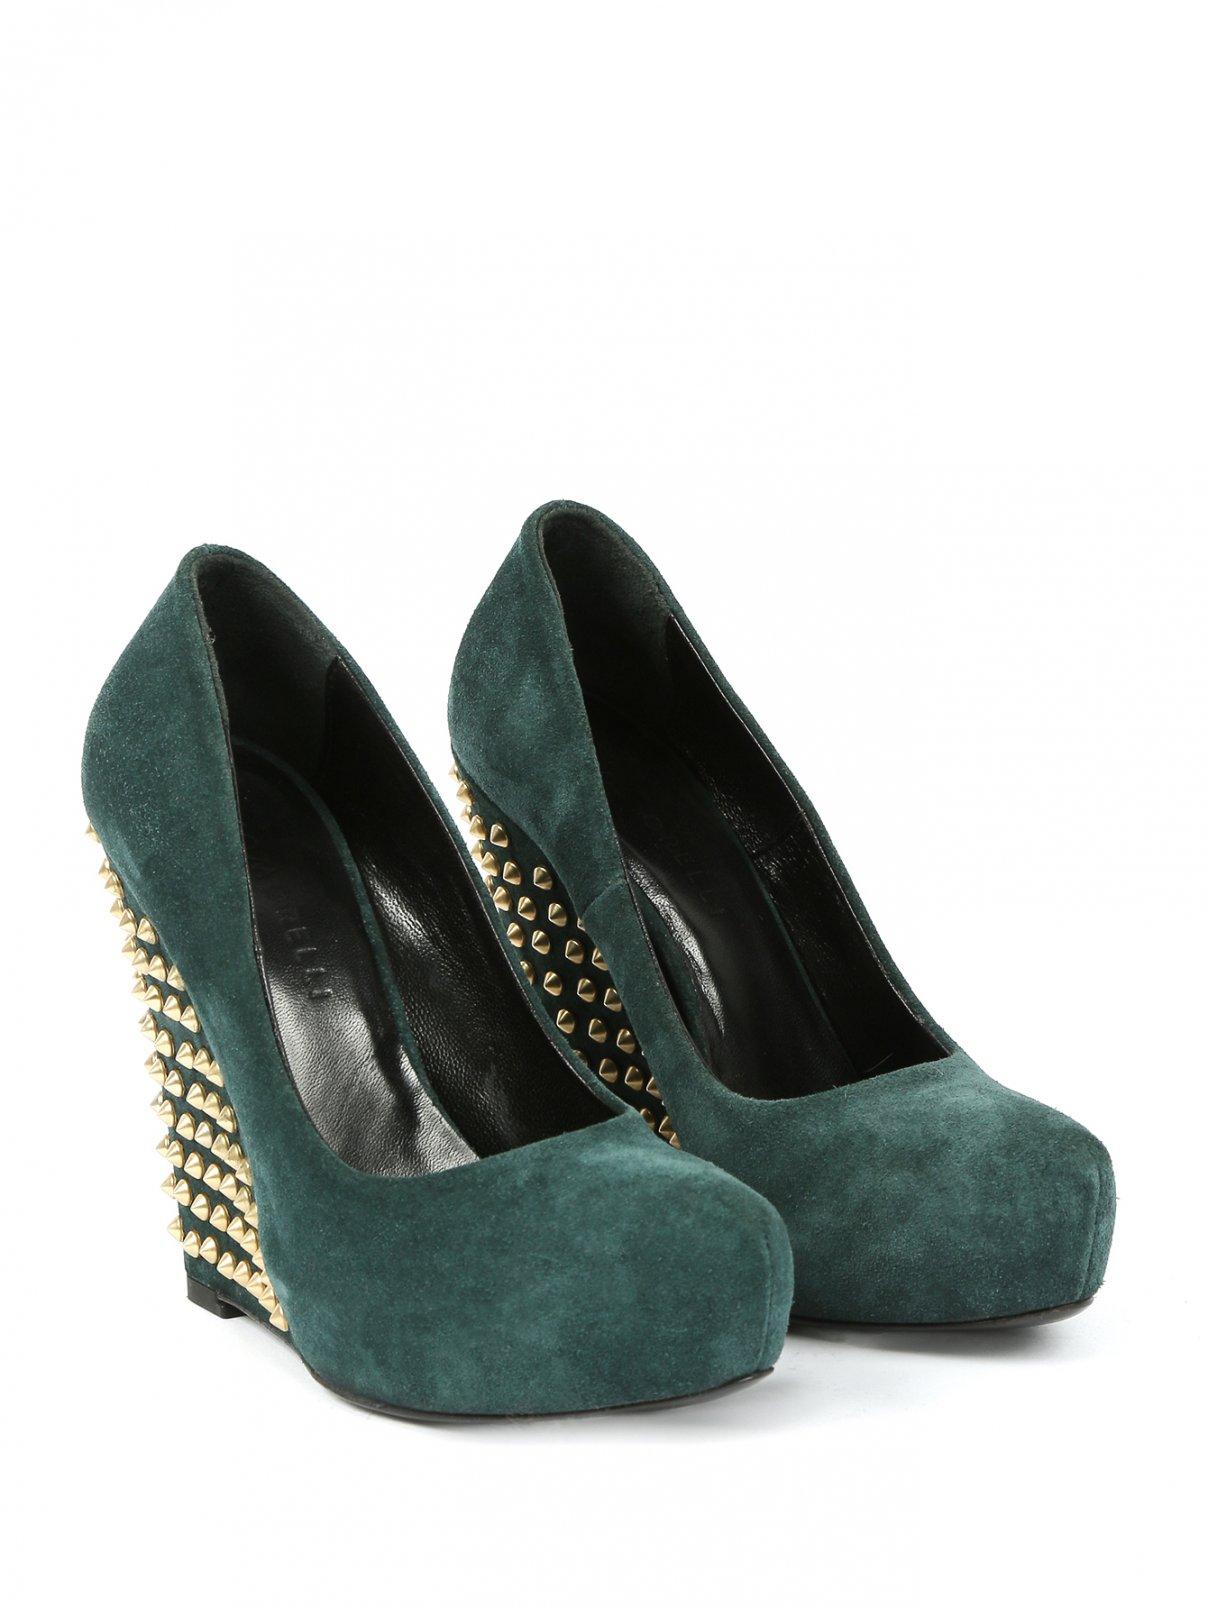 Туфли из замши на танкетке со скрытой платформой декорированные шипами Giacomorelli  –  Общий вид  – Цвет:  Зеленый